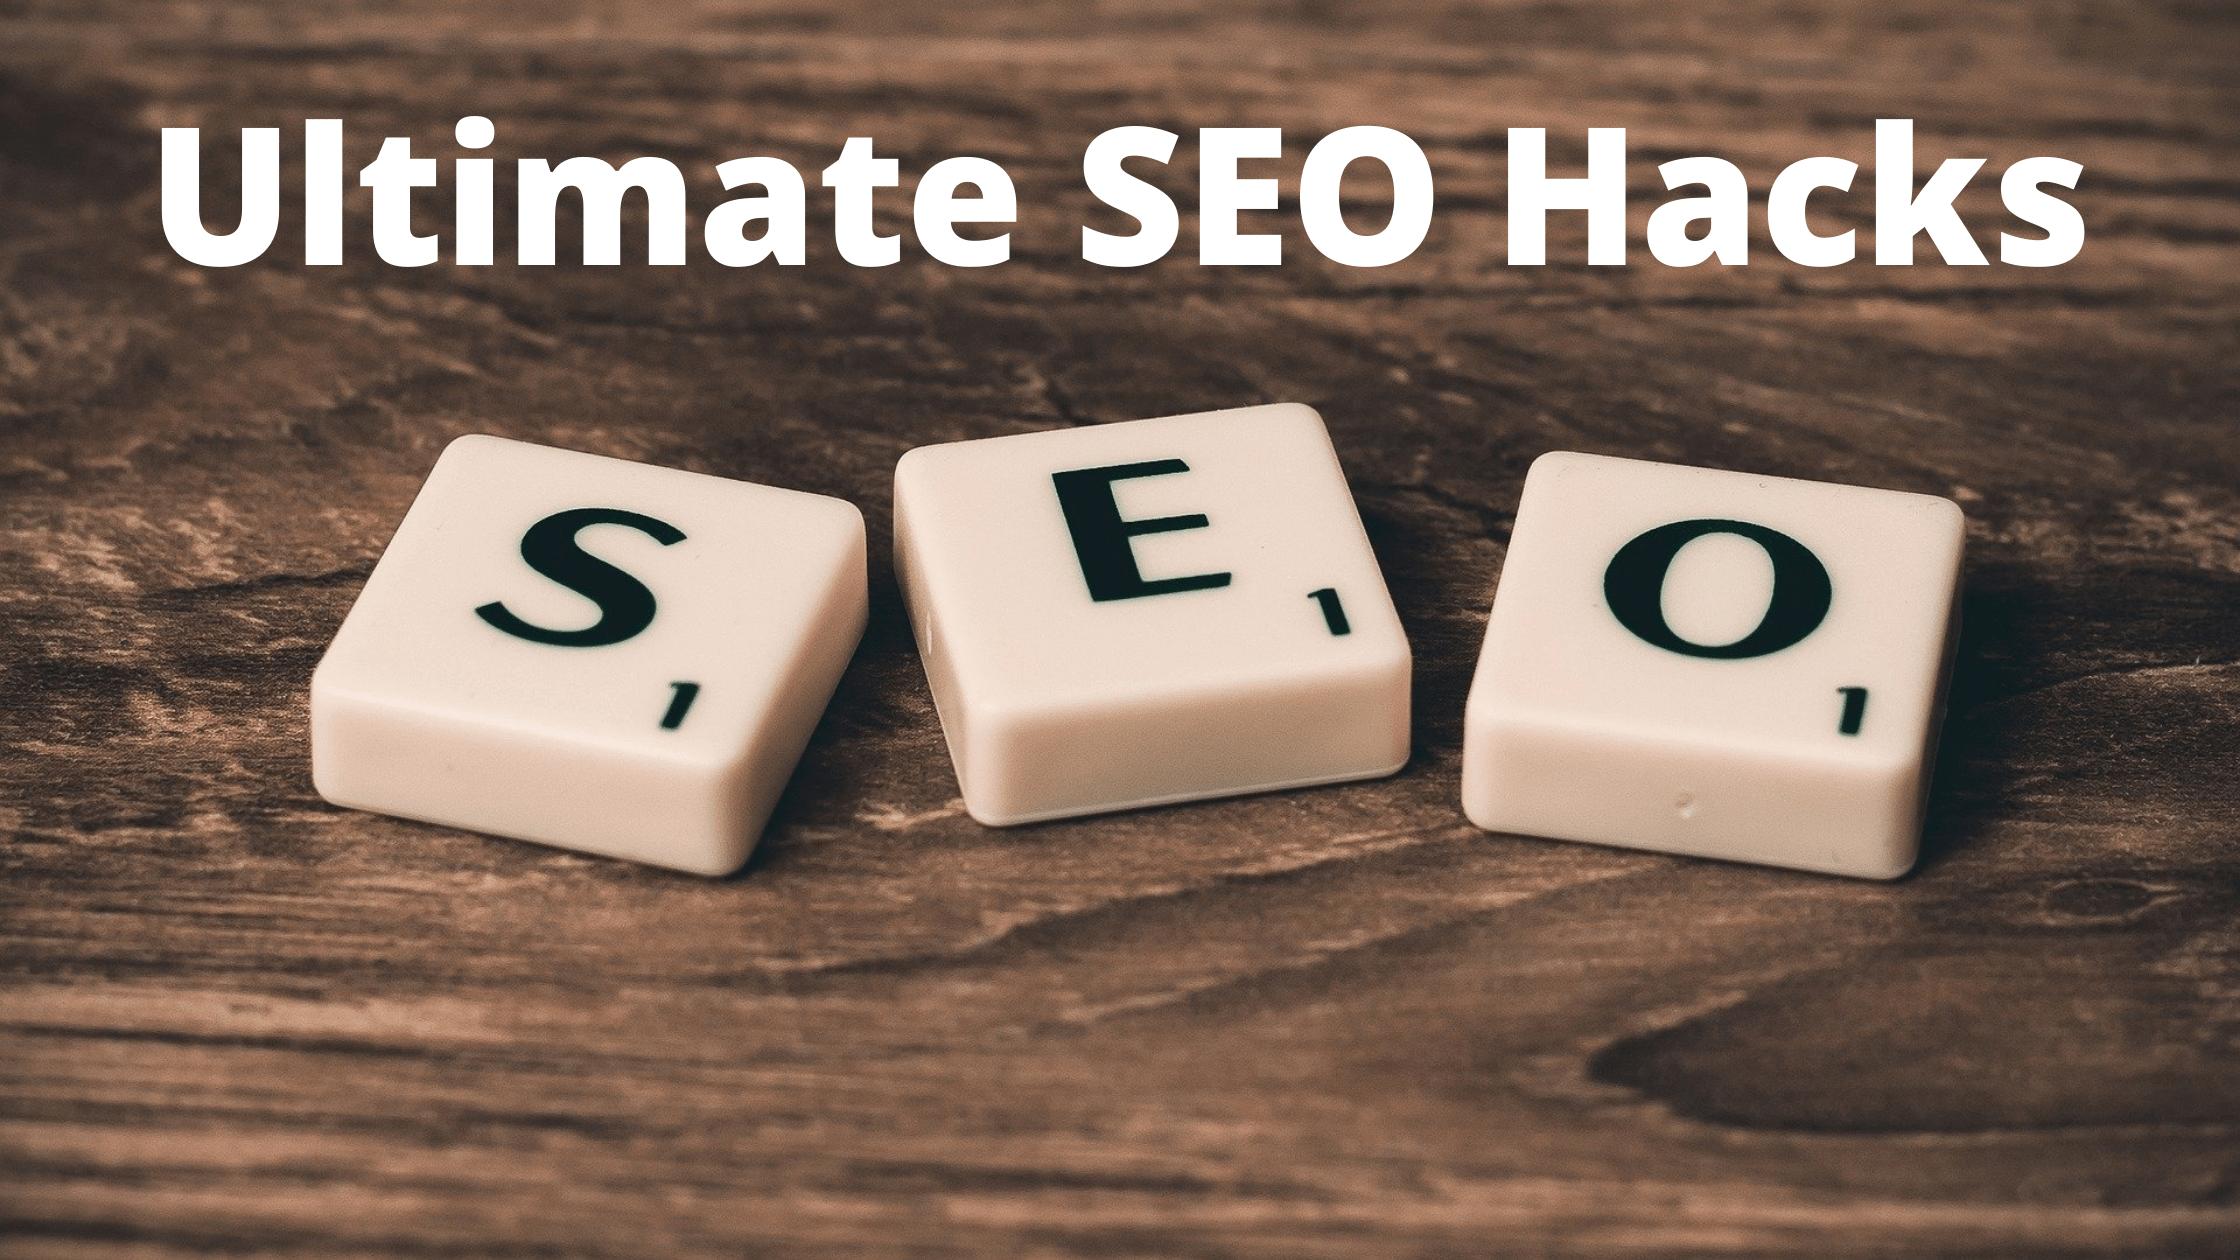 17 Ultimate SEO Hacks to Increase Website Traffic